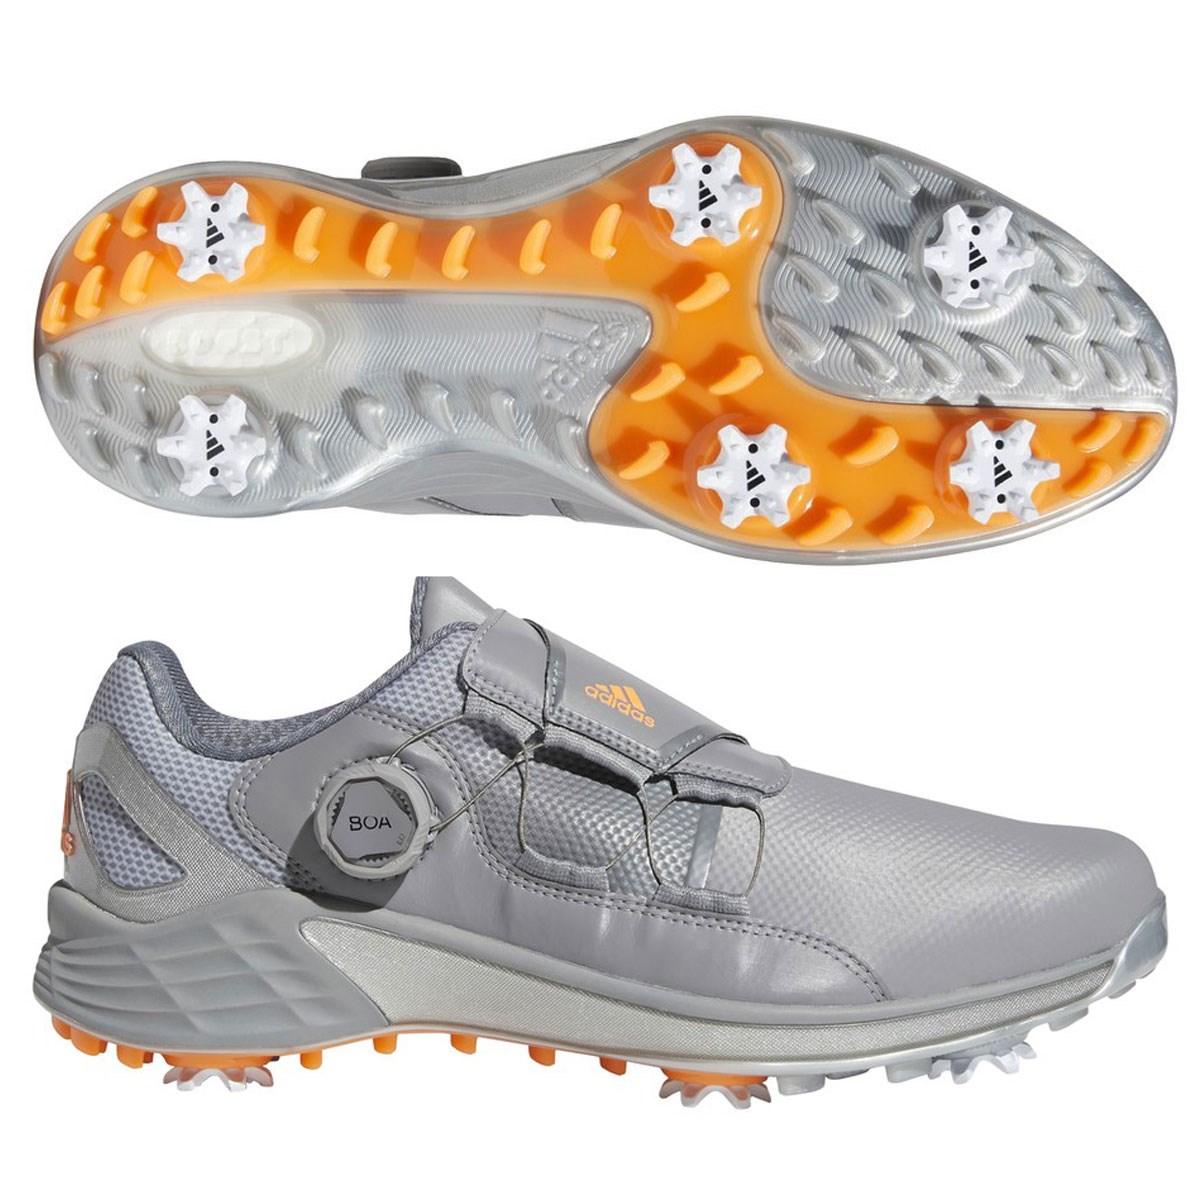 アディダス Adidas ゼッドジー21ボアシューズ 26.5cm グレースリー/スクリーミングオレンジ/シルバーメタリック